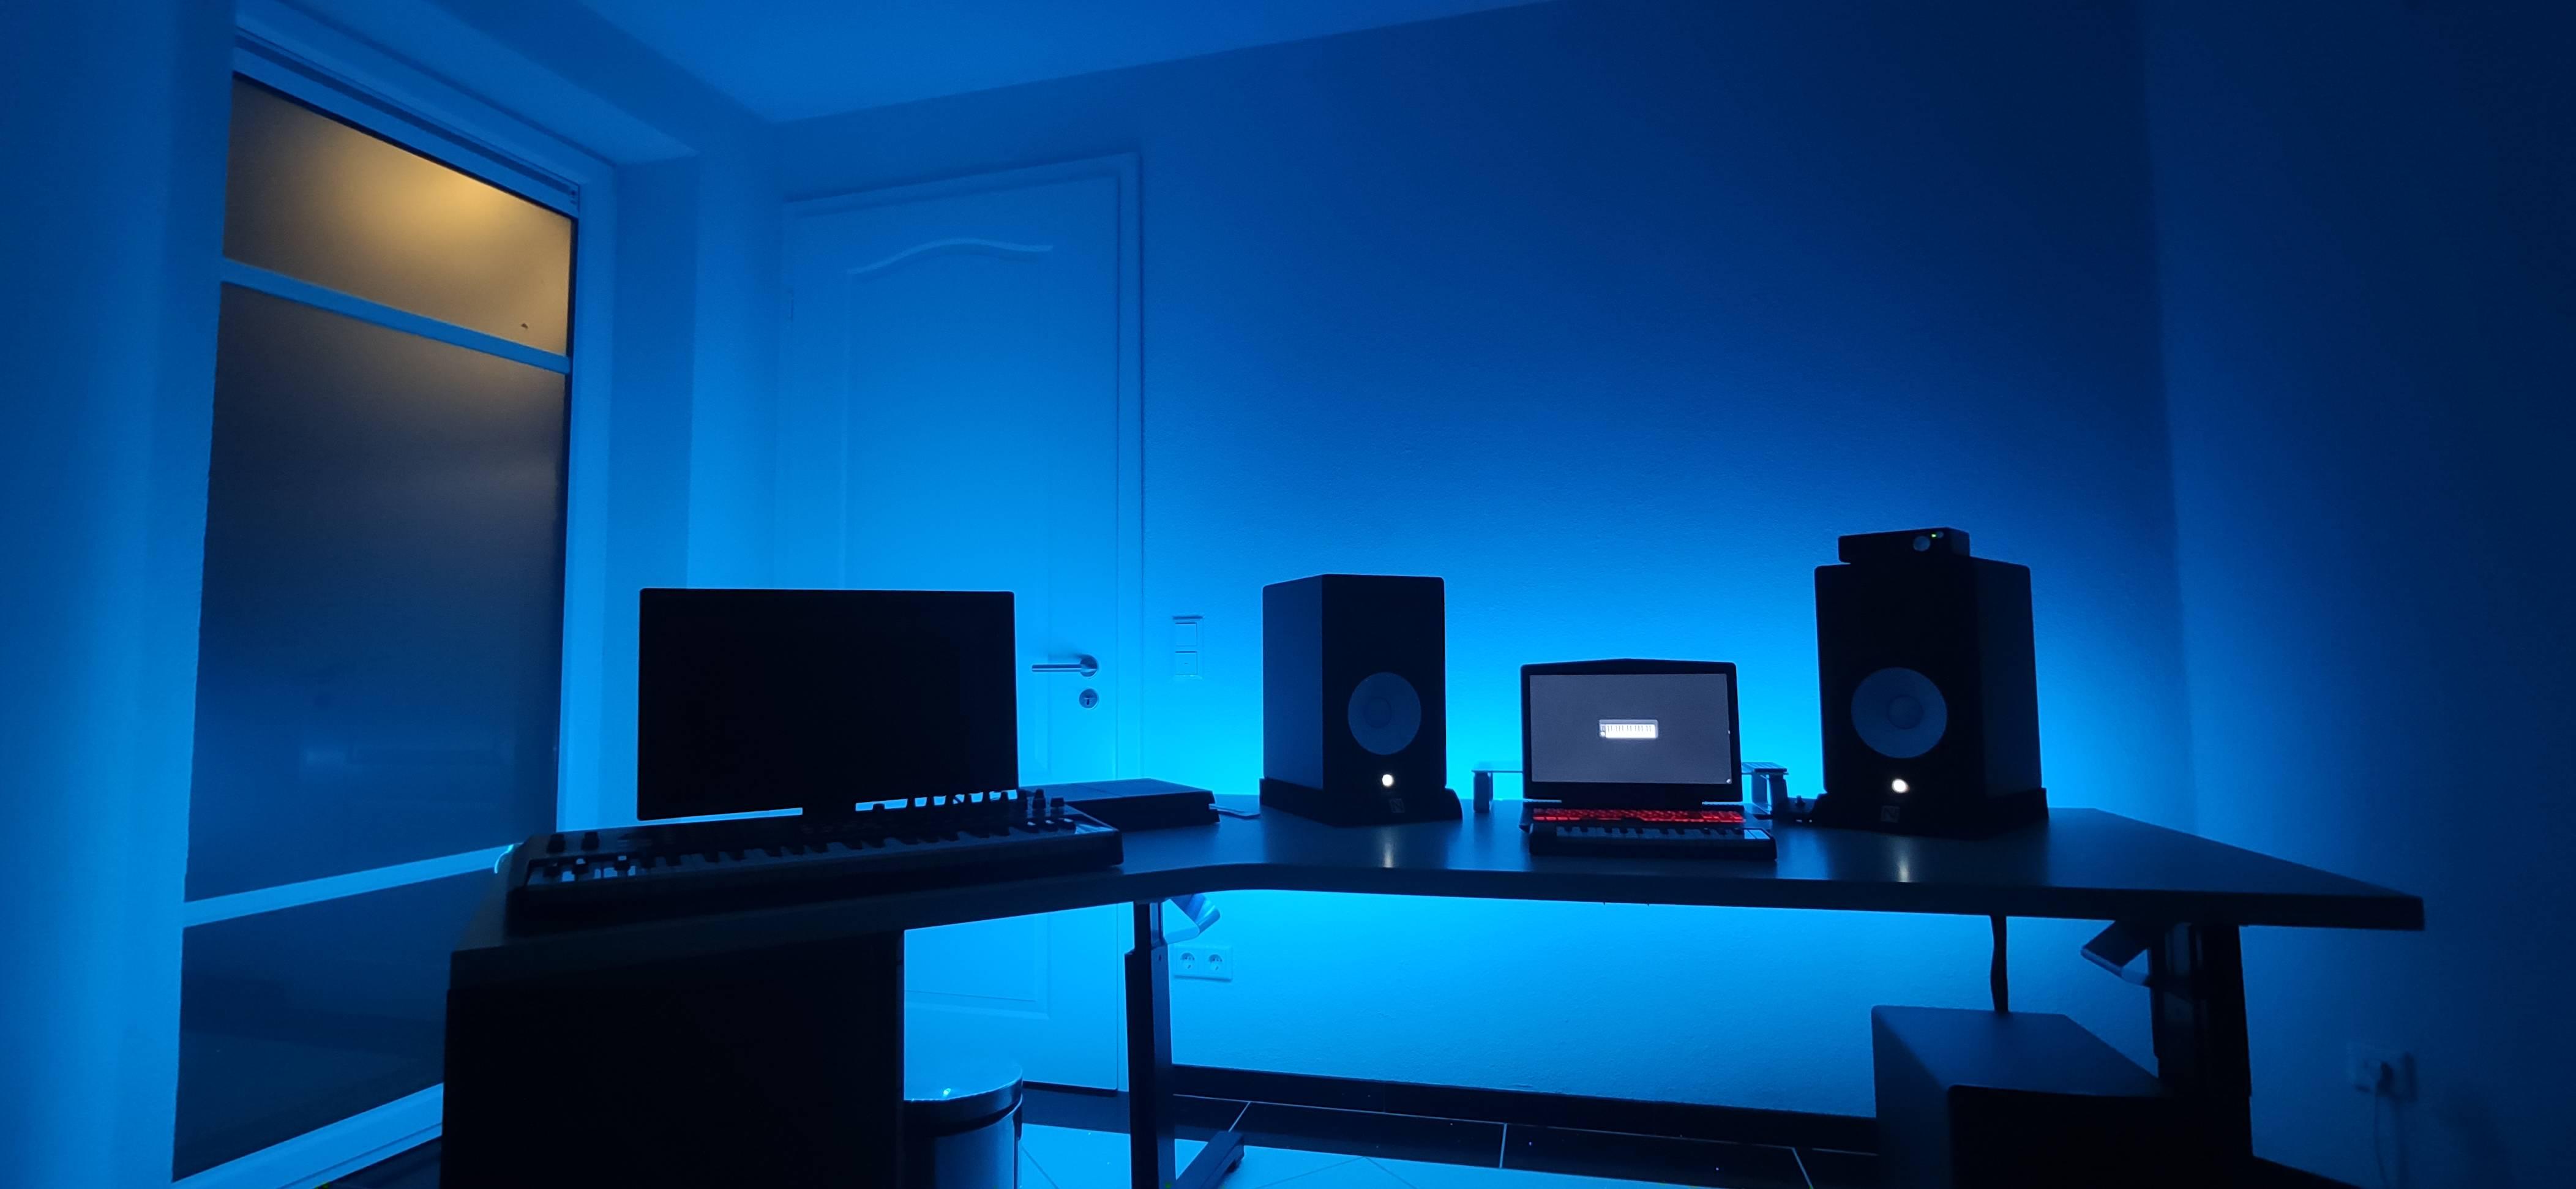 beattzcracker's Setup - Music Production Cave | Scooget